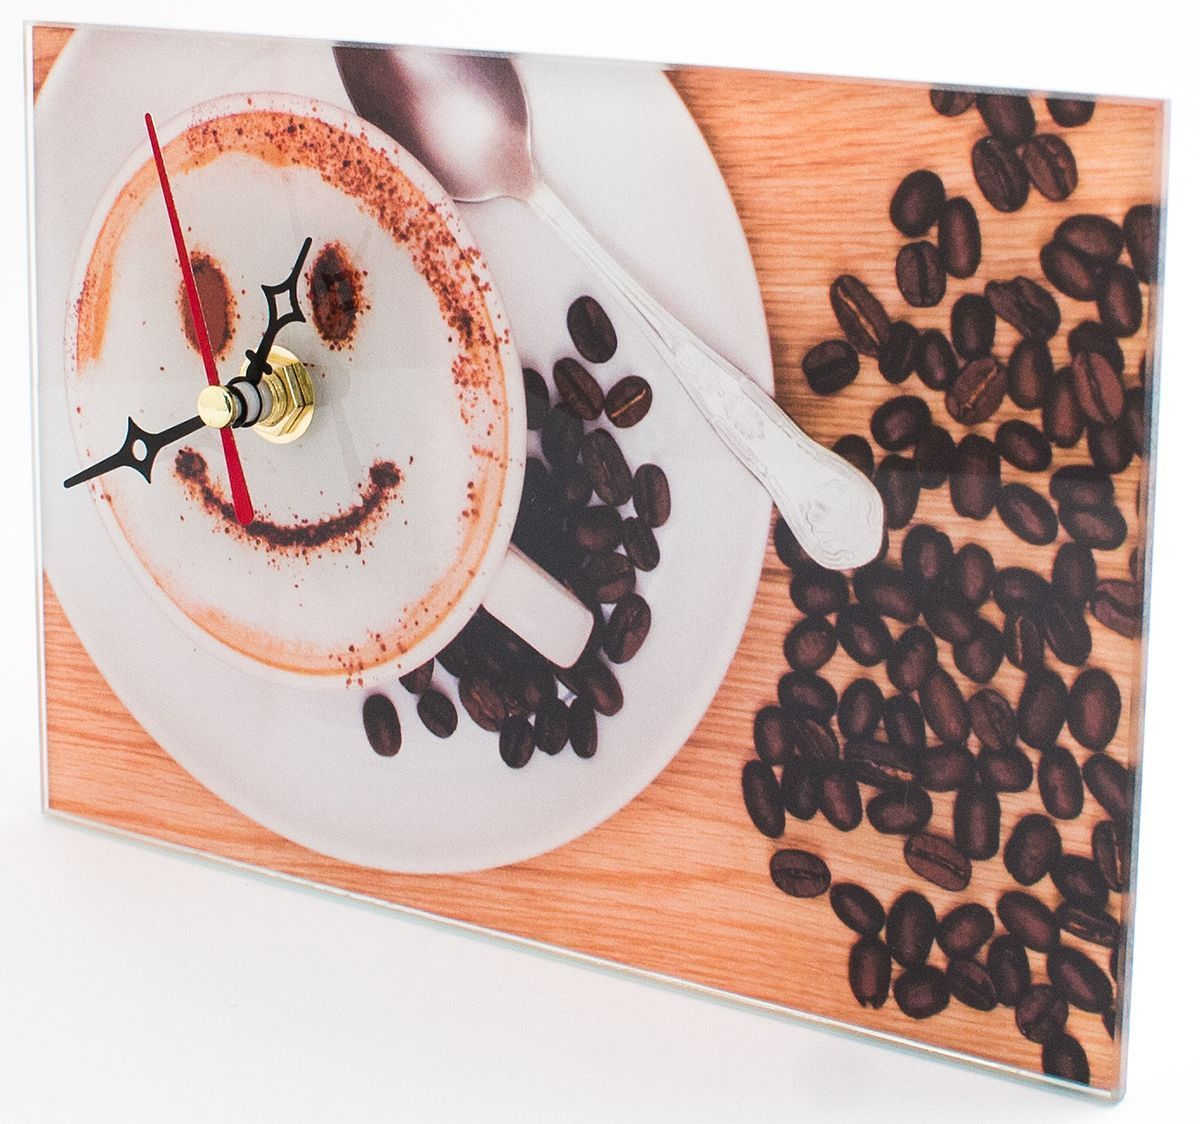 """Оригинальные часы Эврика """"Кофе"""" прямоугольной формы выполнены из стекла, с механизмом бесшумного хода. Часы имеют три стрелки - часовую, минутную и секундную. Необычное дизайнерское решение и качество исполнения придутся по вкусу каждому.    Часы работают от 1 батарейки типа АА напряжением 1,5 В."""